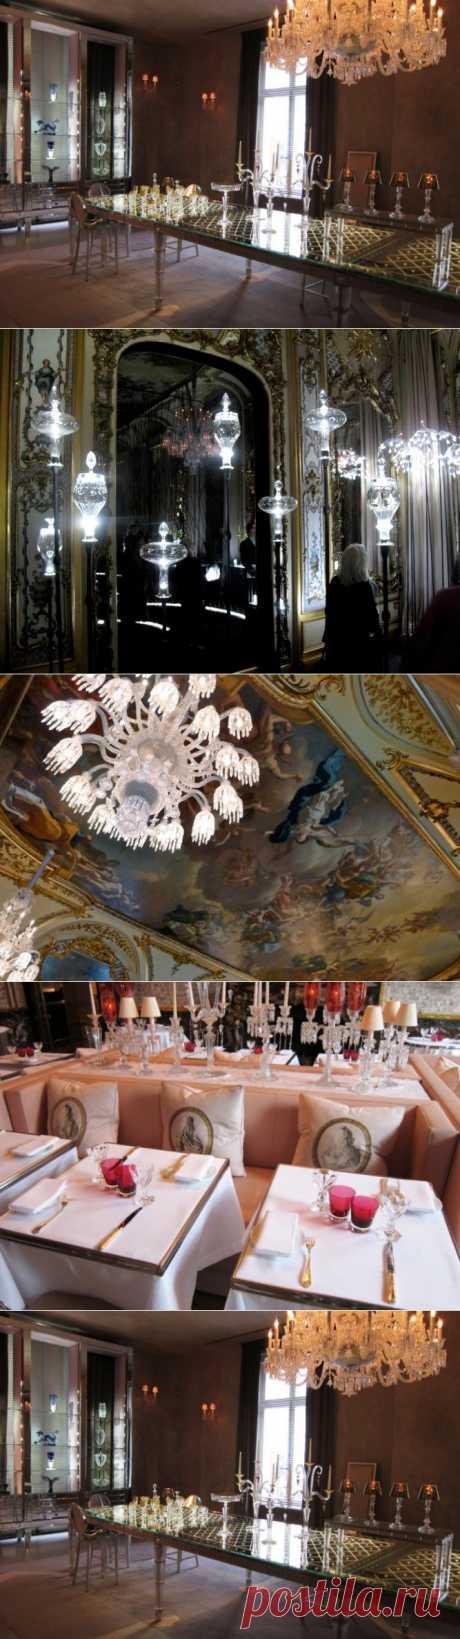 Роскошь настоящего дворца - музей хрусталя Баккара.